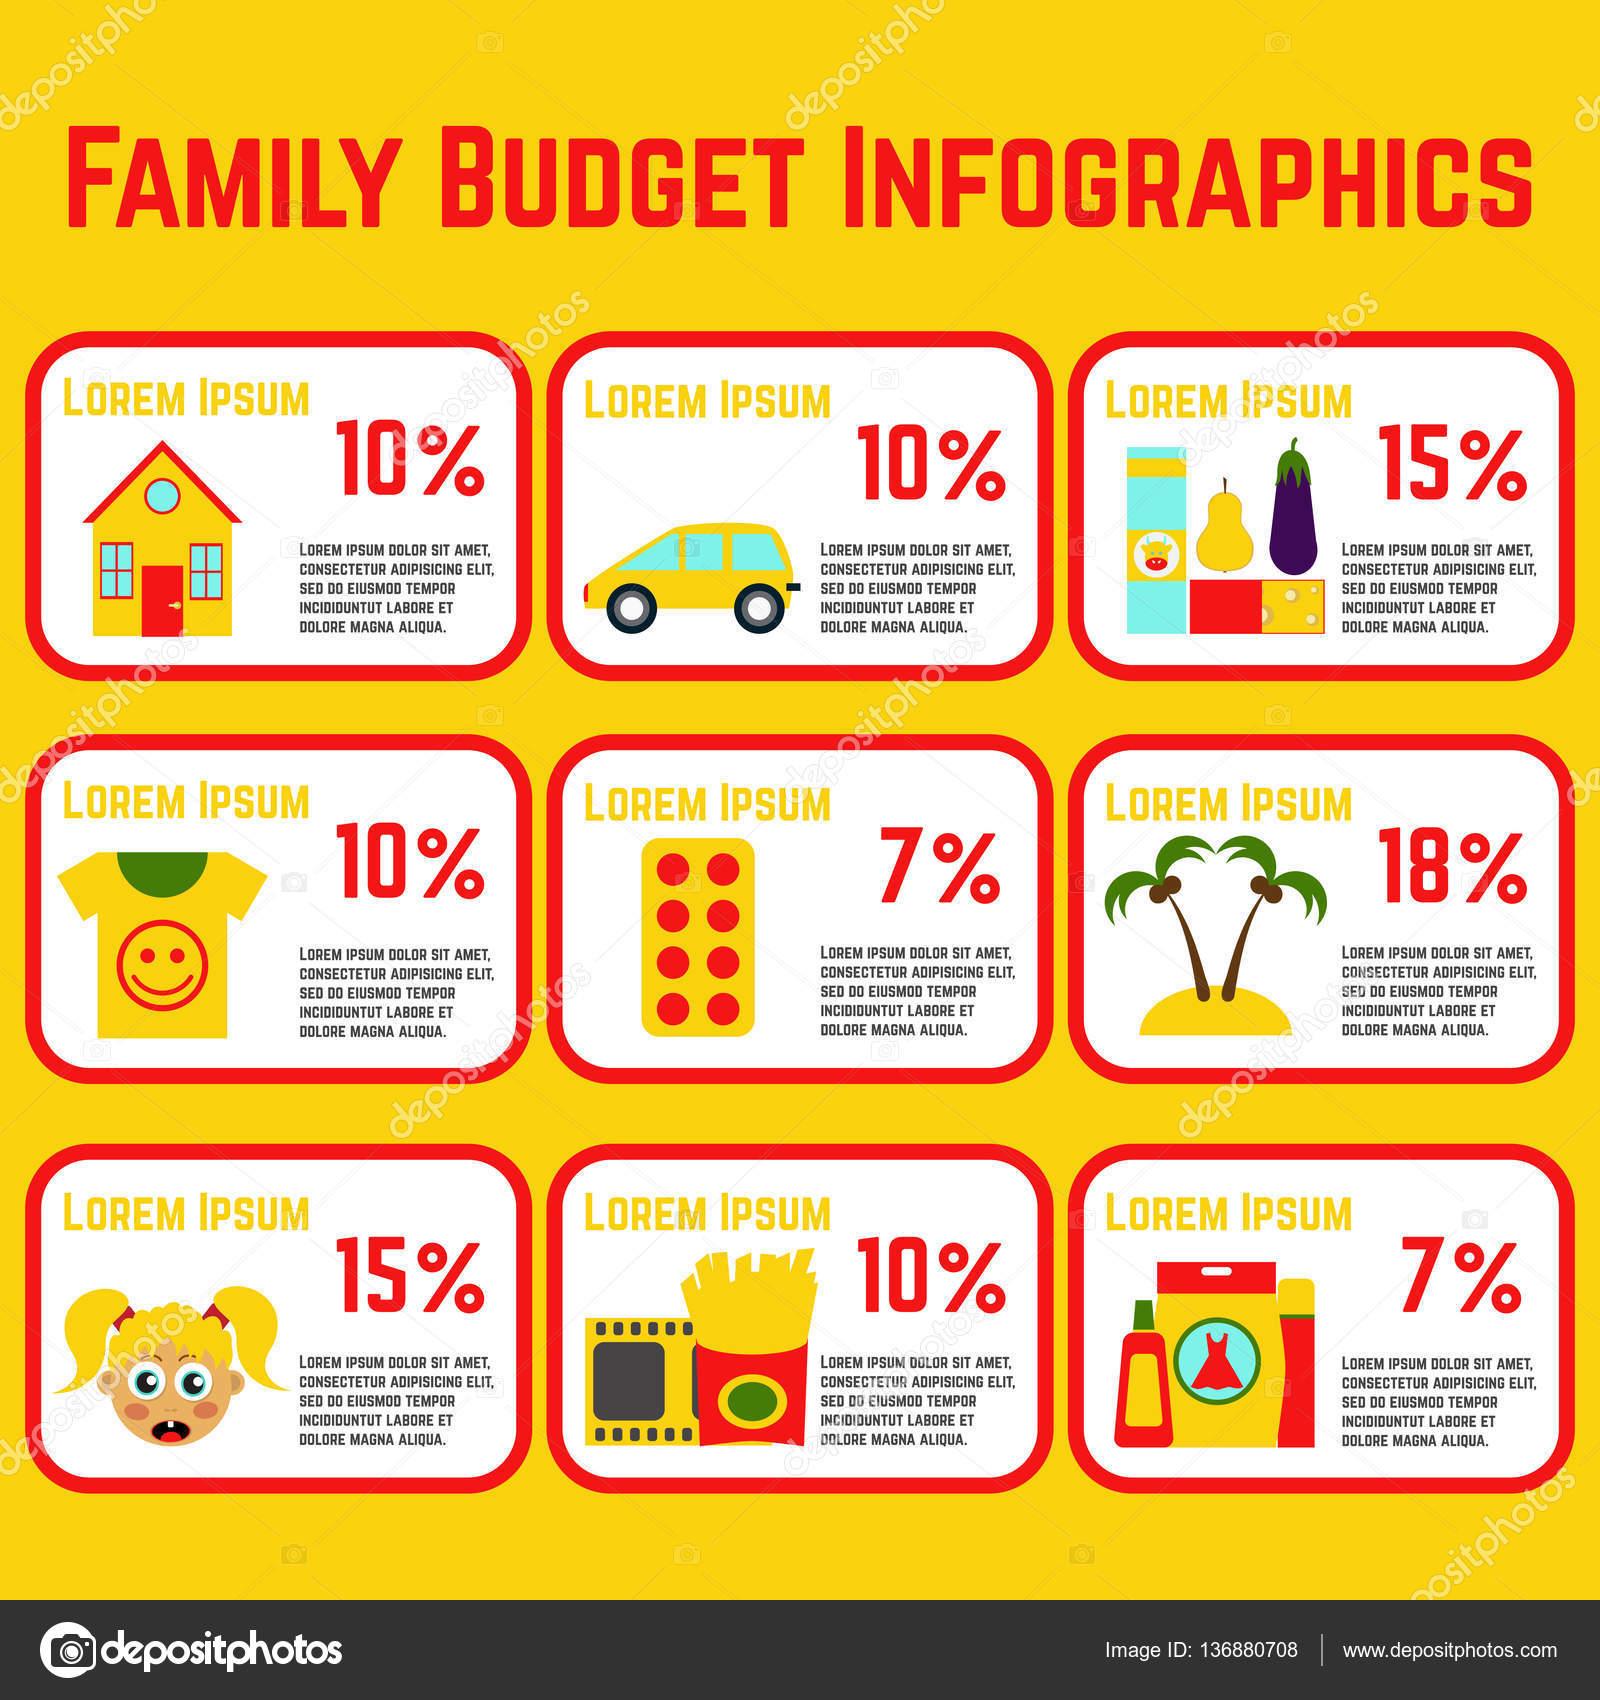 infografía de presupuesto familiar archivo imágenes vectoriales